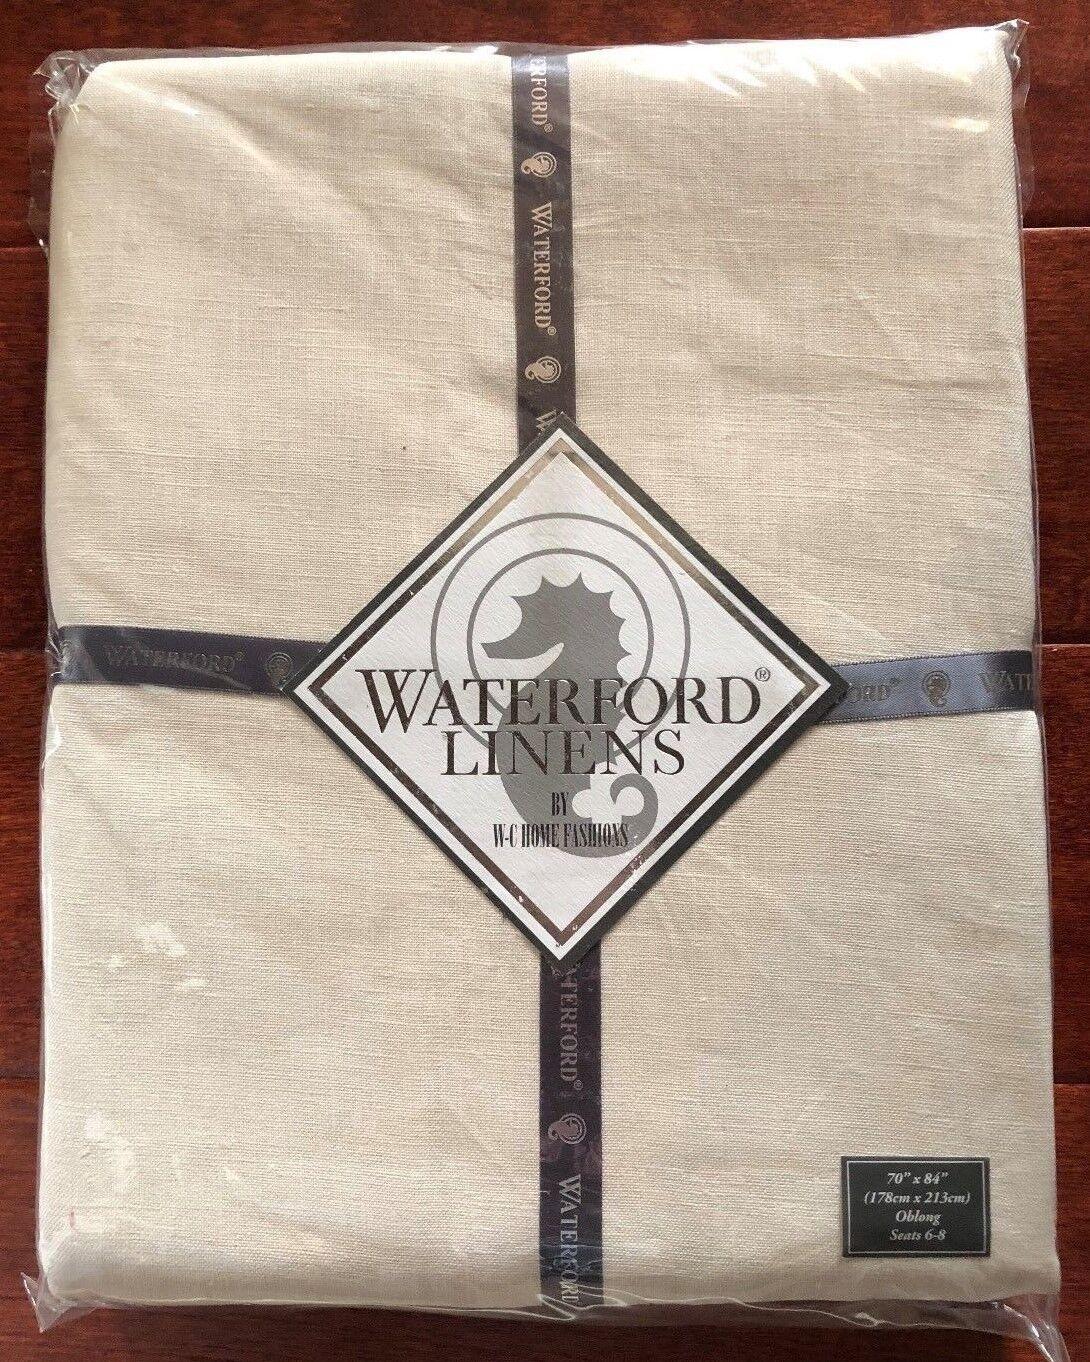 Waterford ADDISON Nappe 70  X 84  Crème Linge Oblong sièges 8 PDSF  150 Neuf avec étiquettes